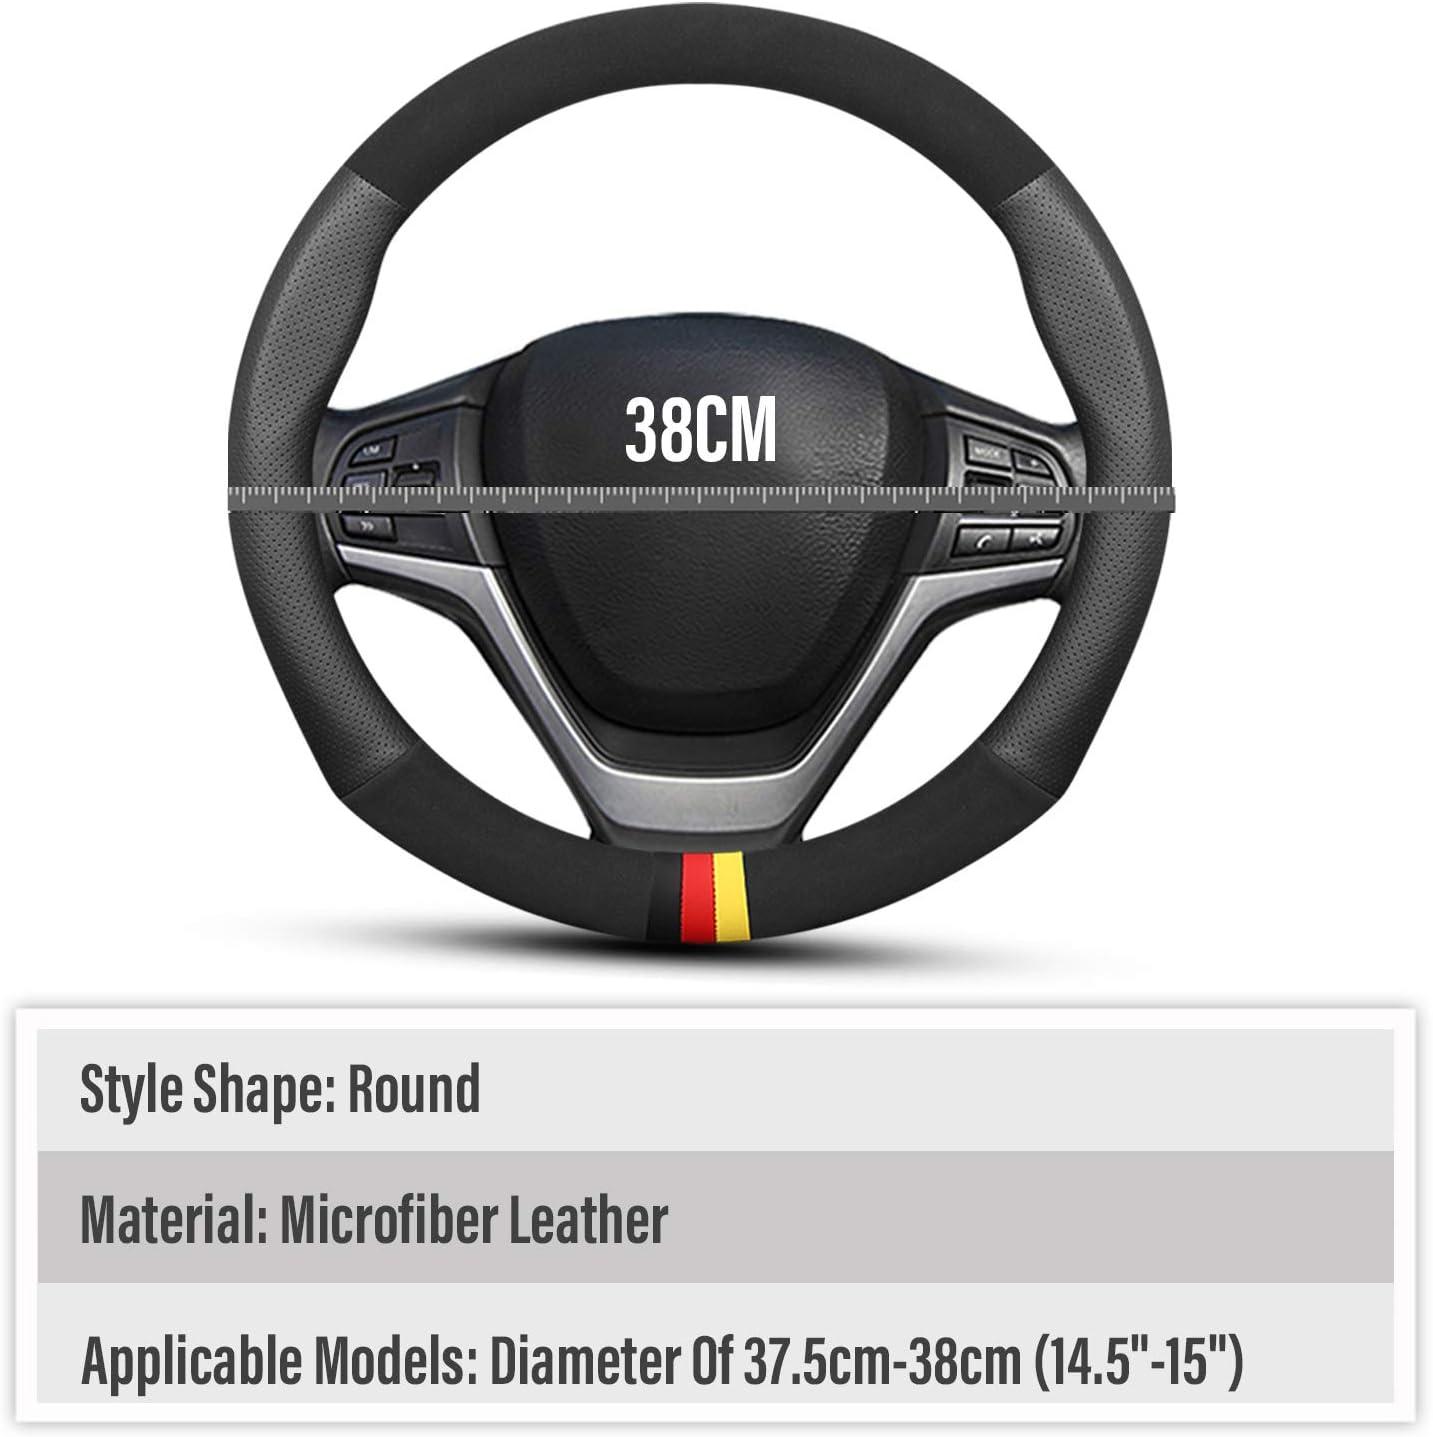 15 D-Schwarz Ergocar Auto Lenkradbezug Rutschfester Auto Sport Lenkradschutz Mikrofaser Leder /& PU Leder f/ür Durchmesser 38cm